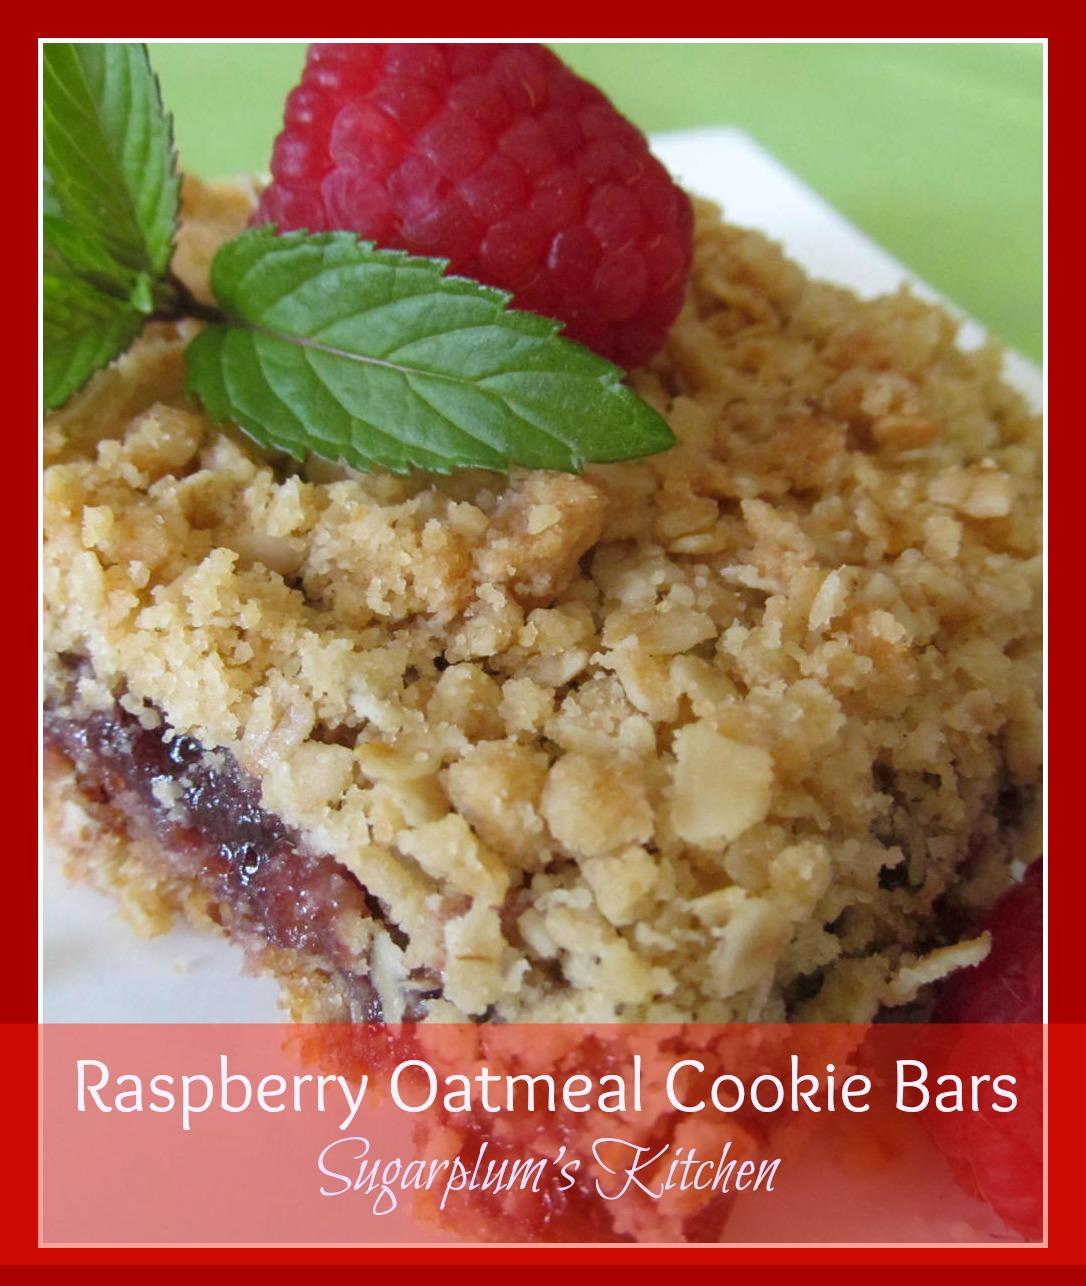 Sugarplum's Kitchen: Raspberry Oatmeal Cookie Bars